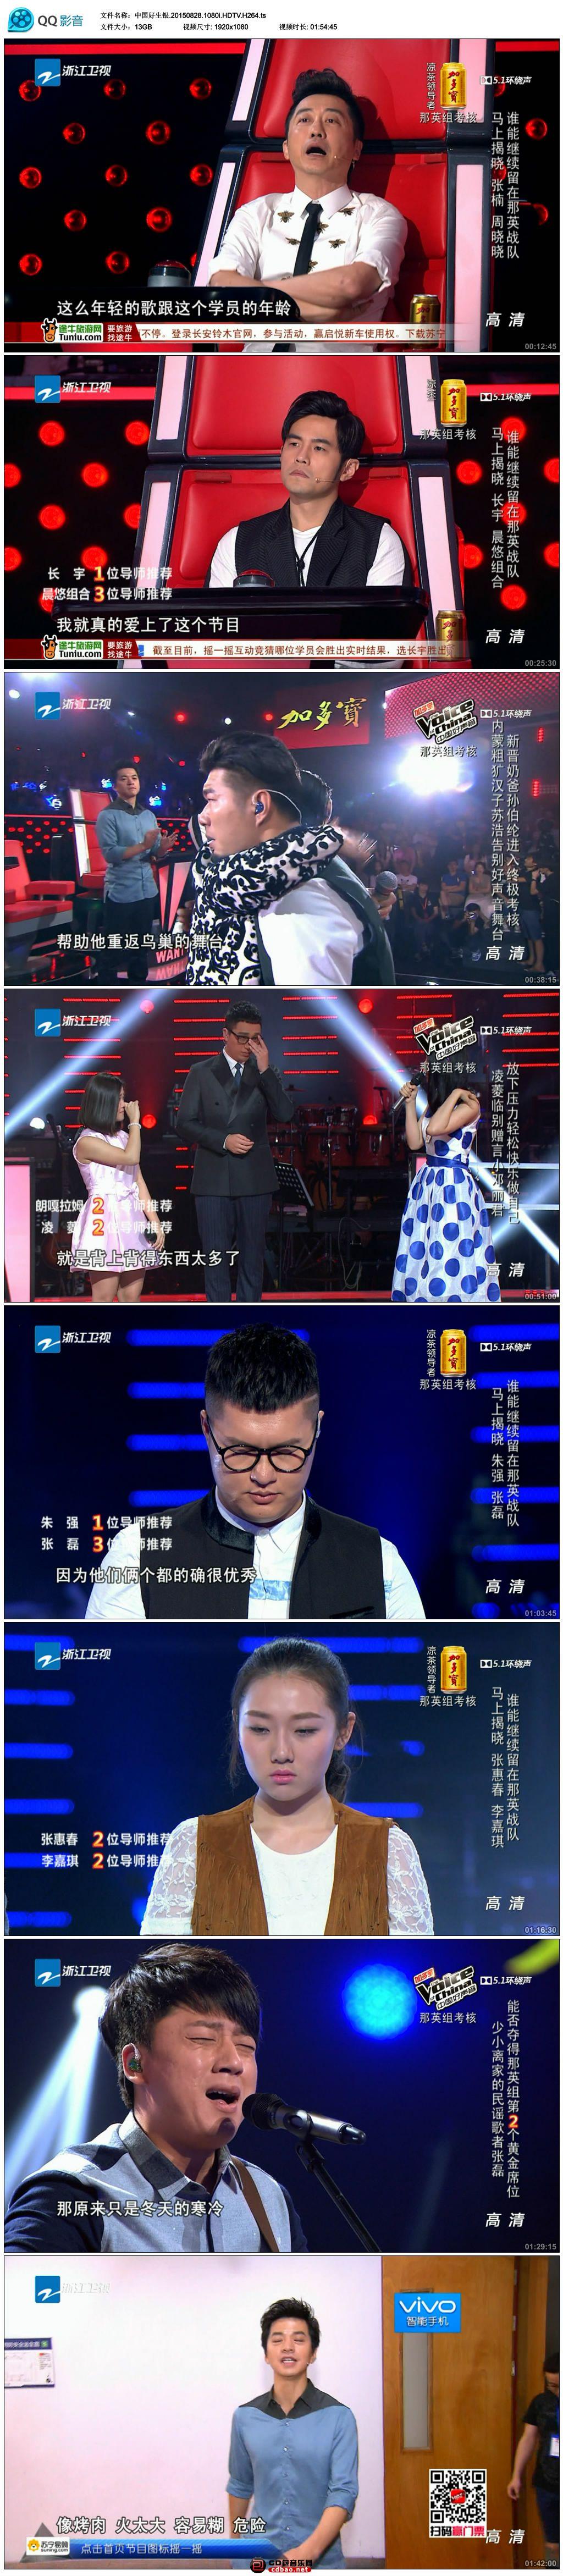 中国好生银.20150828.1080i.HDTV.H264.ts_thumbs_2015.08.29.13_26_36.jpg